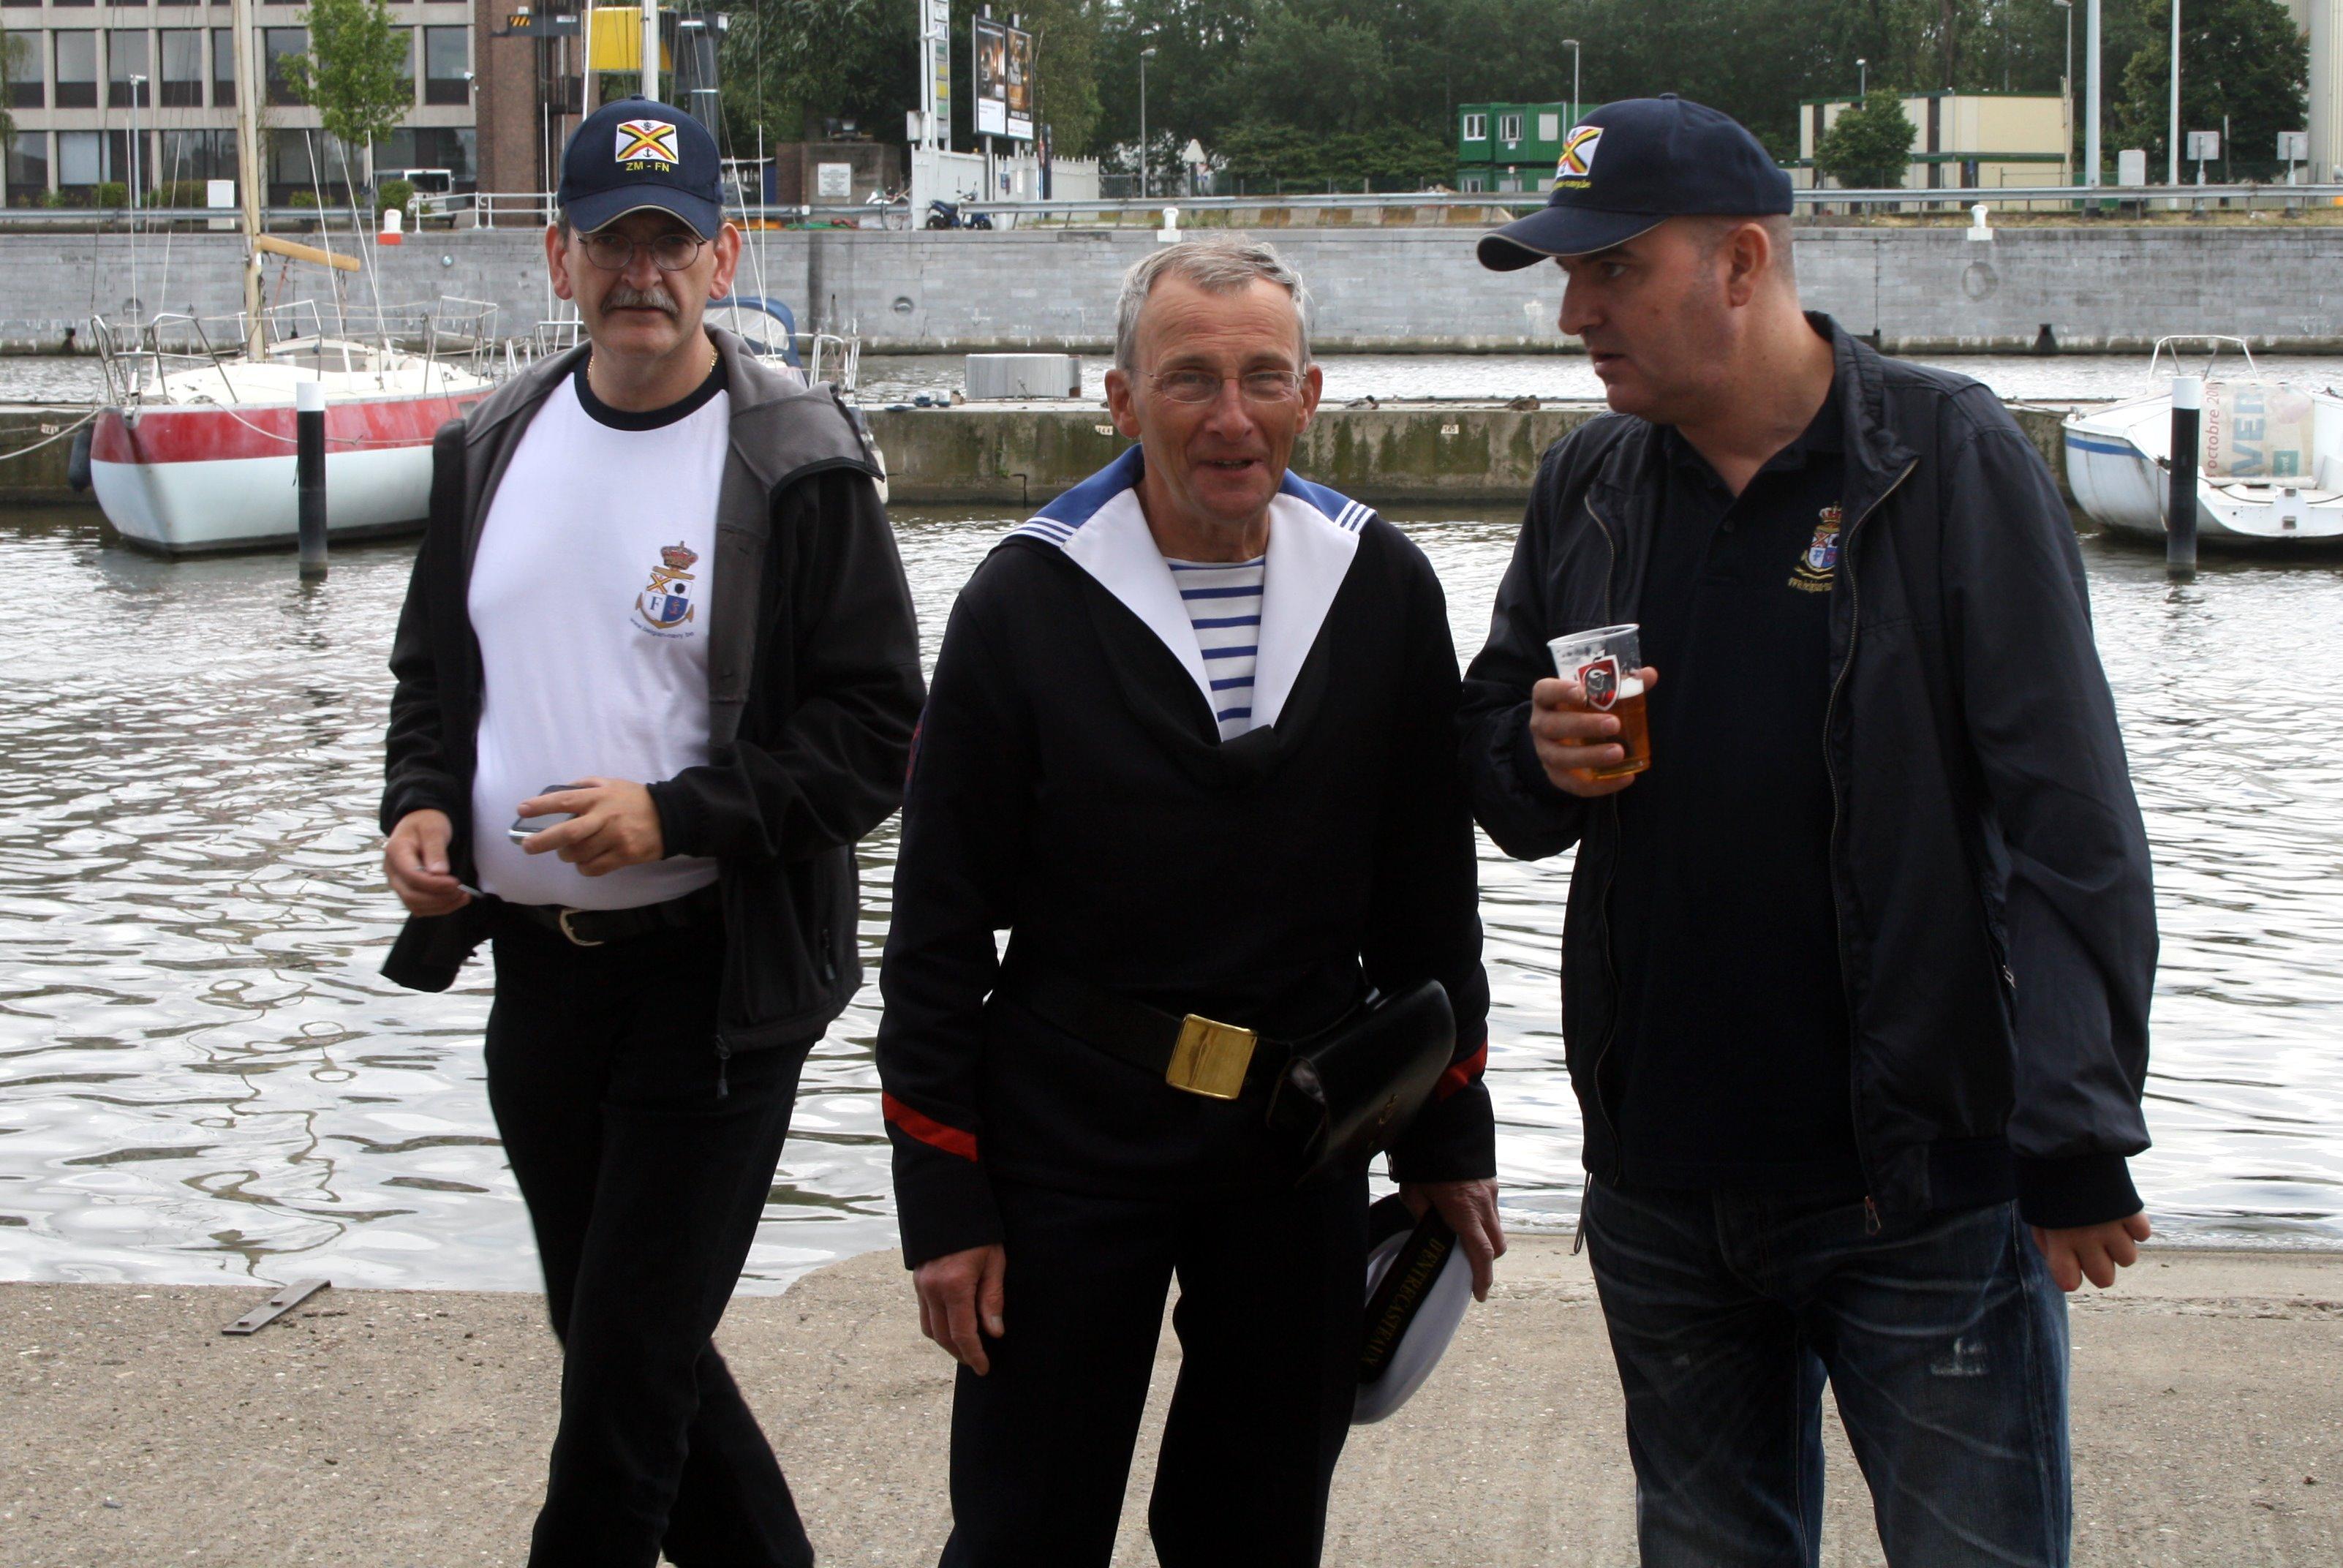 Fastes des Cadets de Marine à Bruxelles le 18/06/2011 - Page 22 1106220453381095838364400